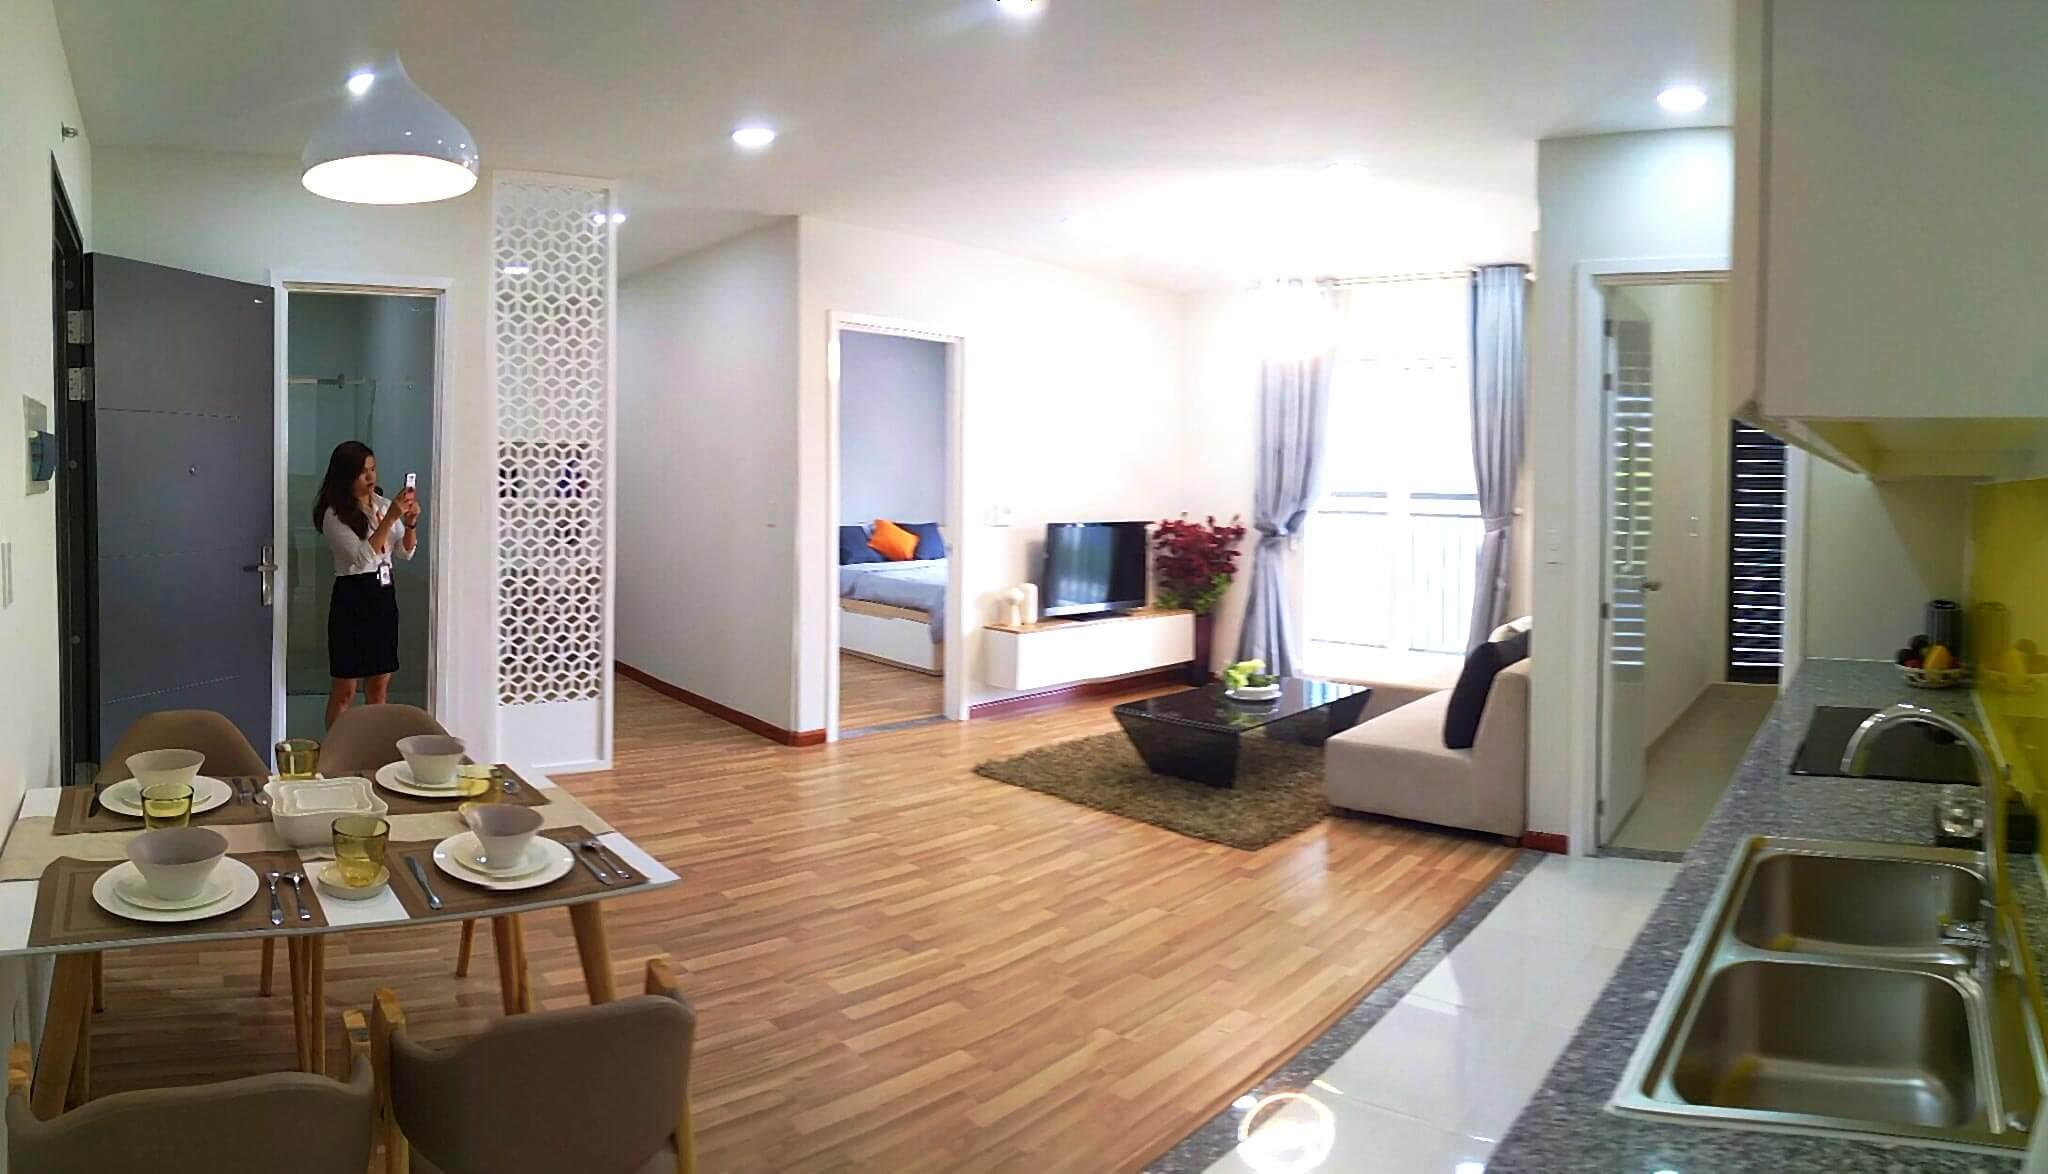 Ảnh thực tế nhà mẫu căn 1 phòng ngủ 1 phòng đa năng 52,13 m2